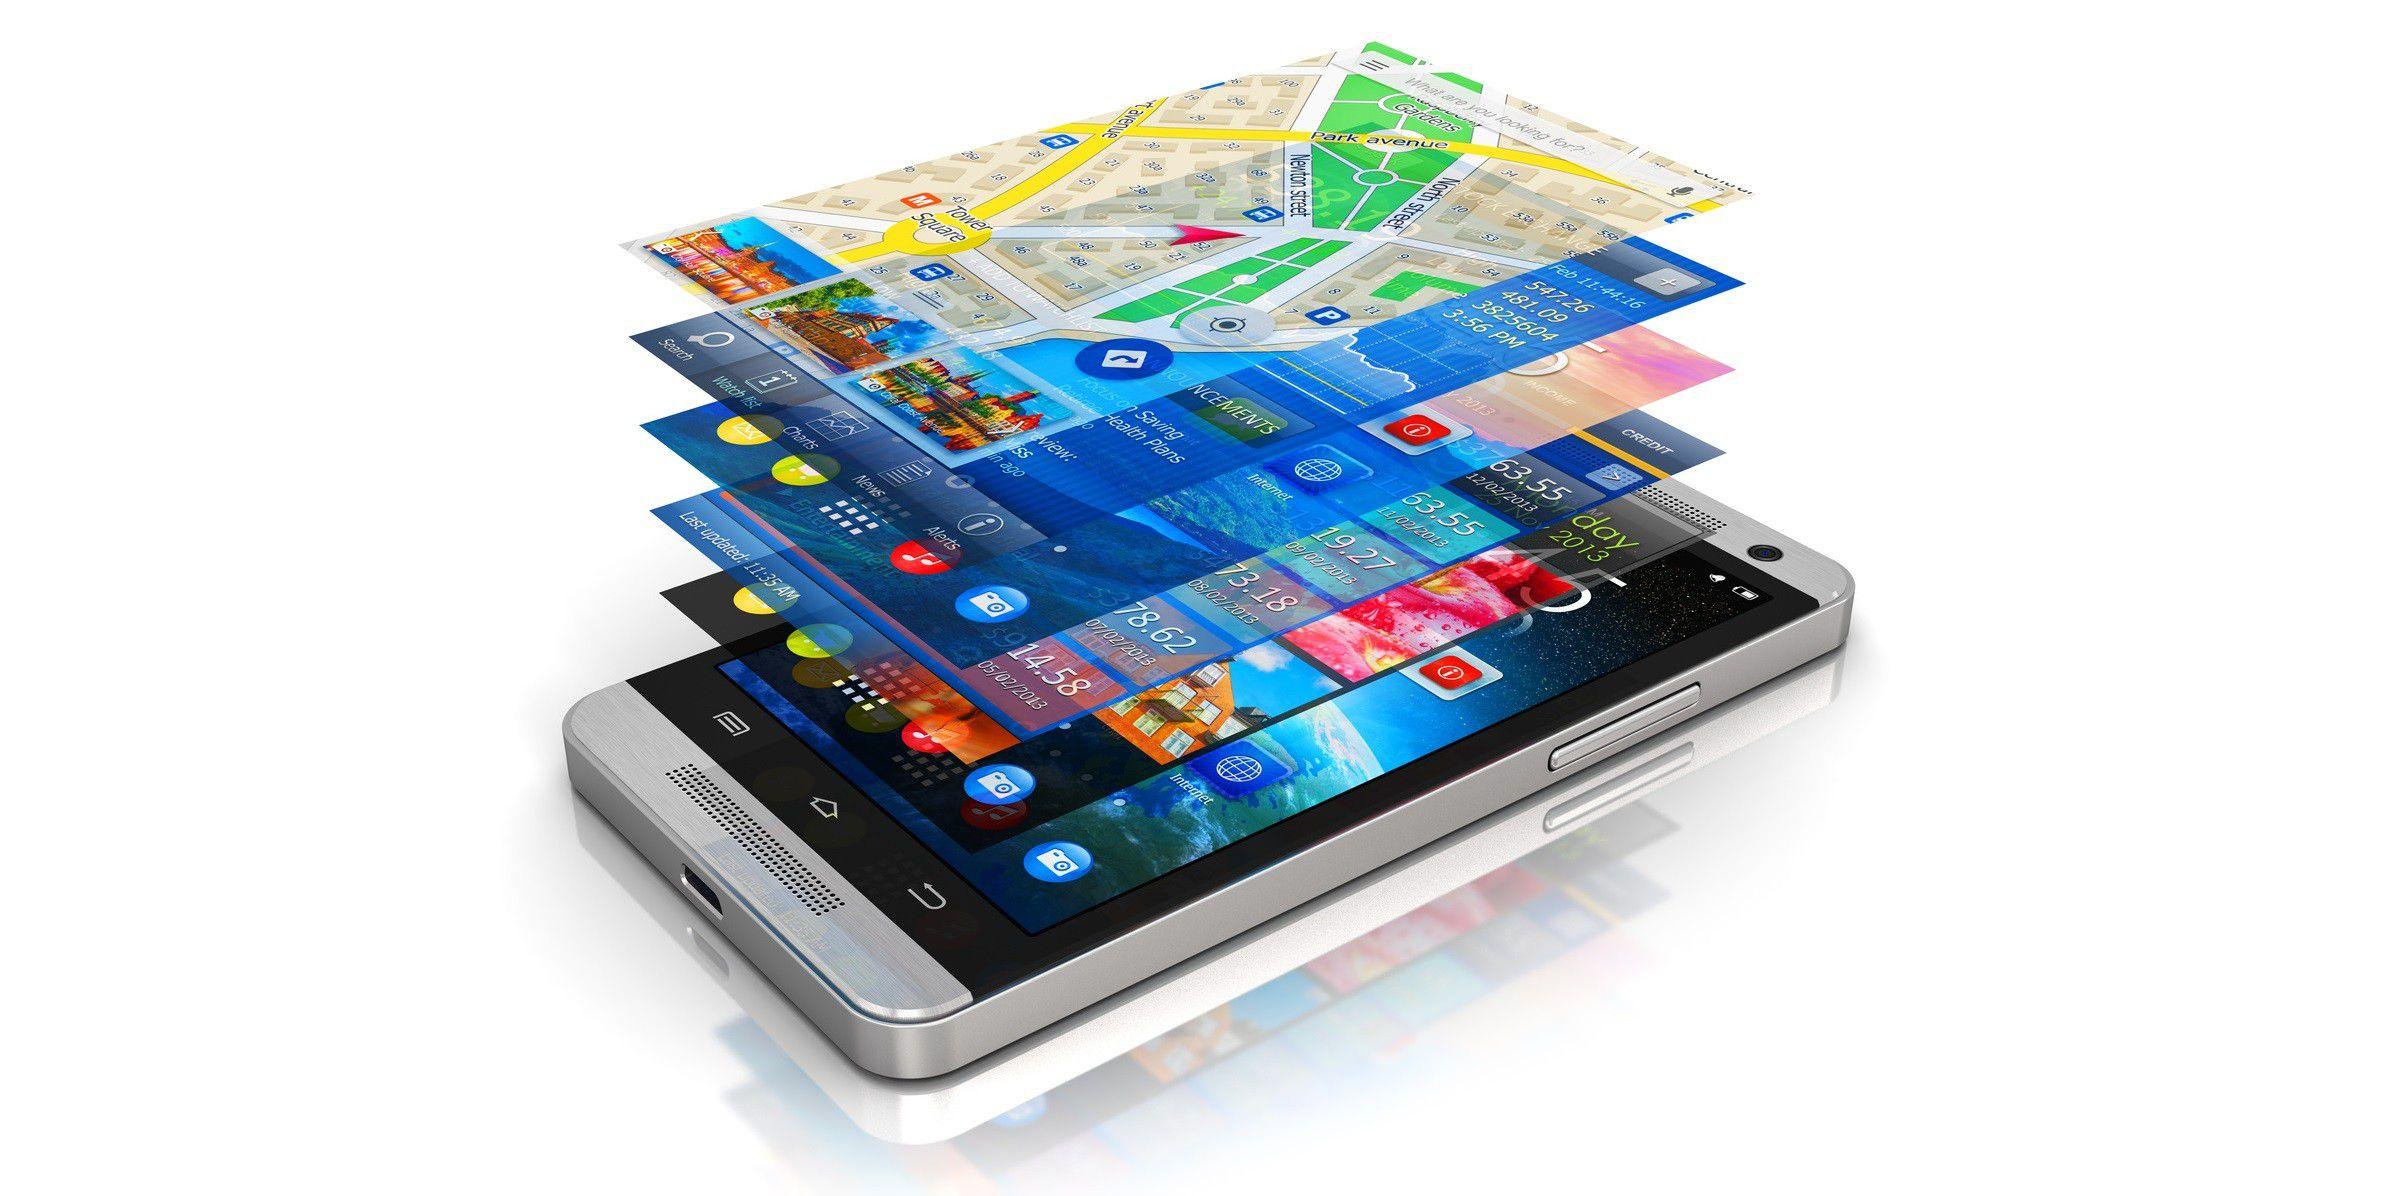 Zehn coole Smartphone-Apps, die kaum einer kennt - PC-WELT